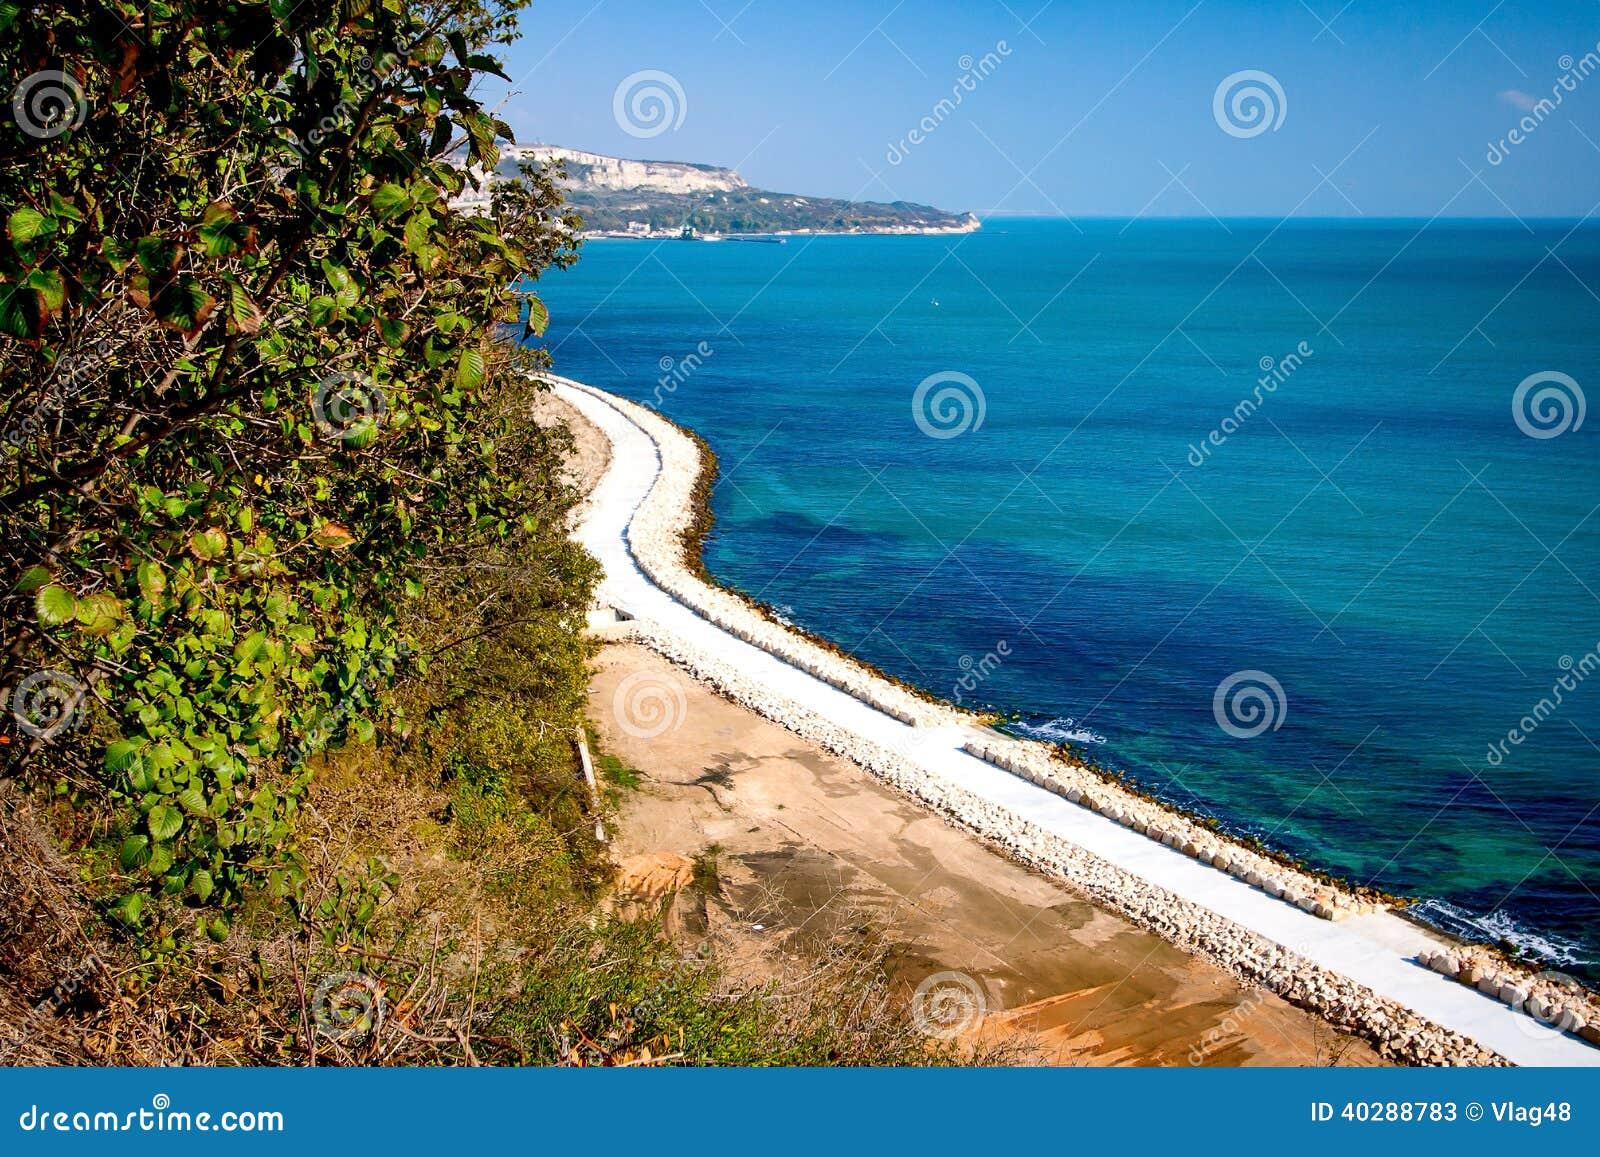 Дорожка на Чёрном море в Болгарии.